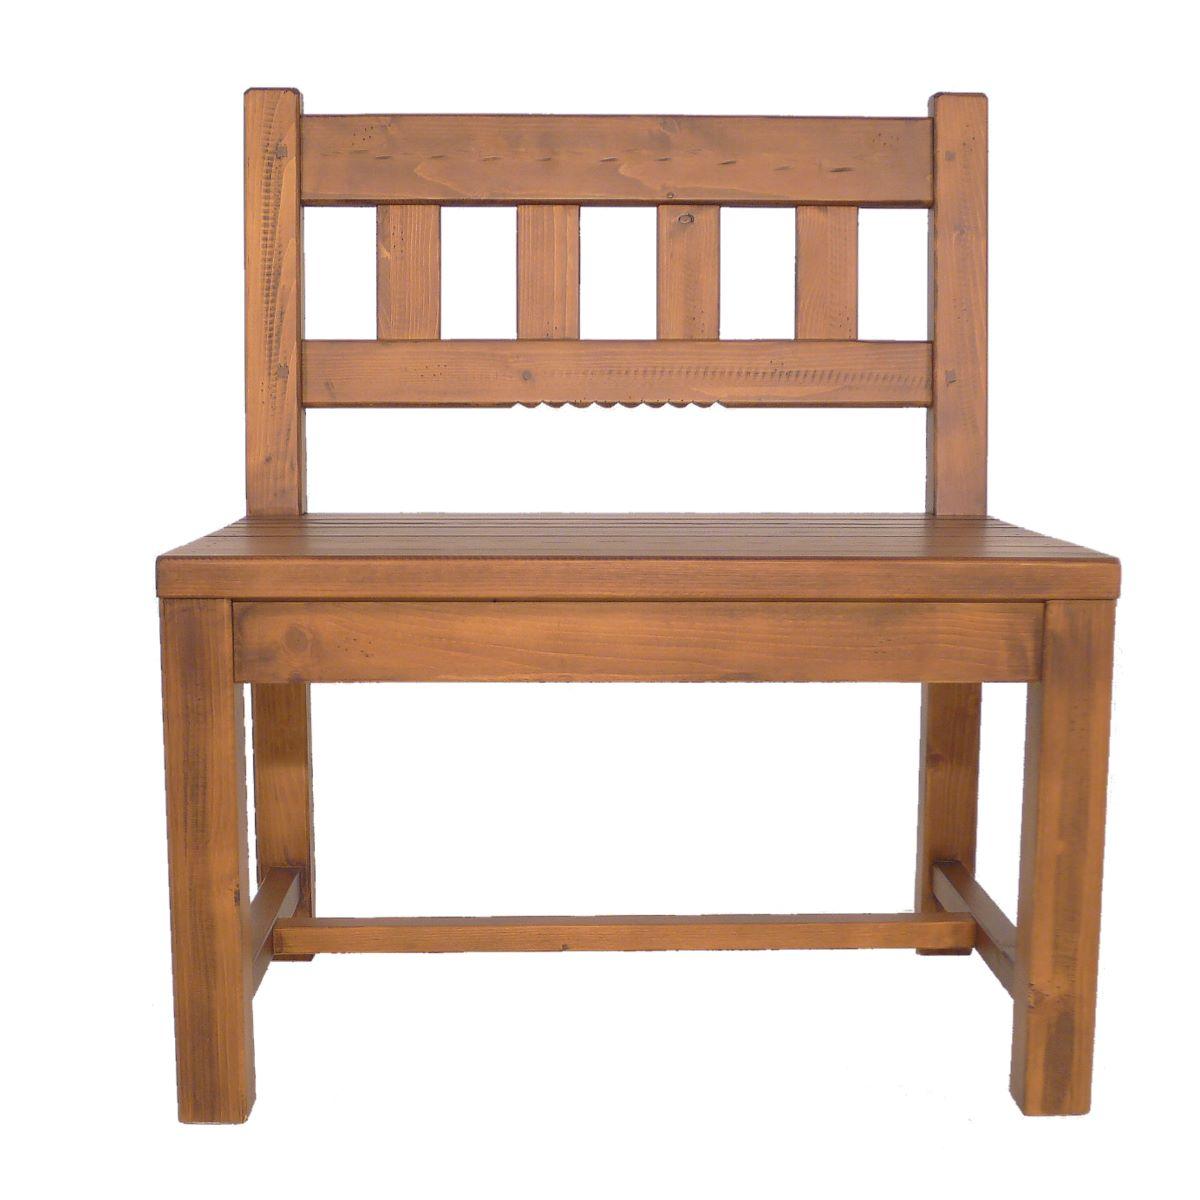 Banco rústico 75cm de alto en madera. Ecorústico: venta de muebles